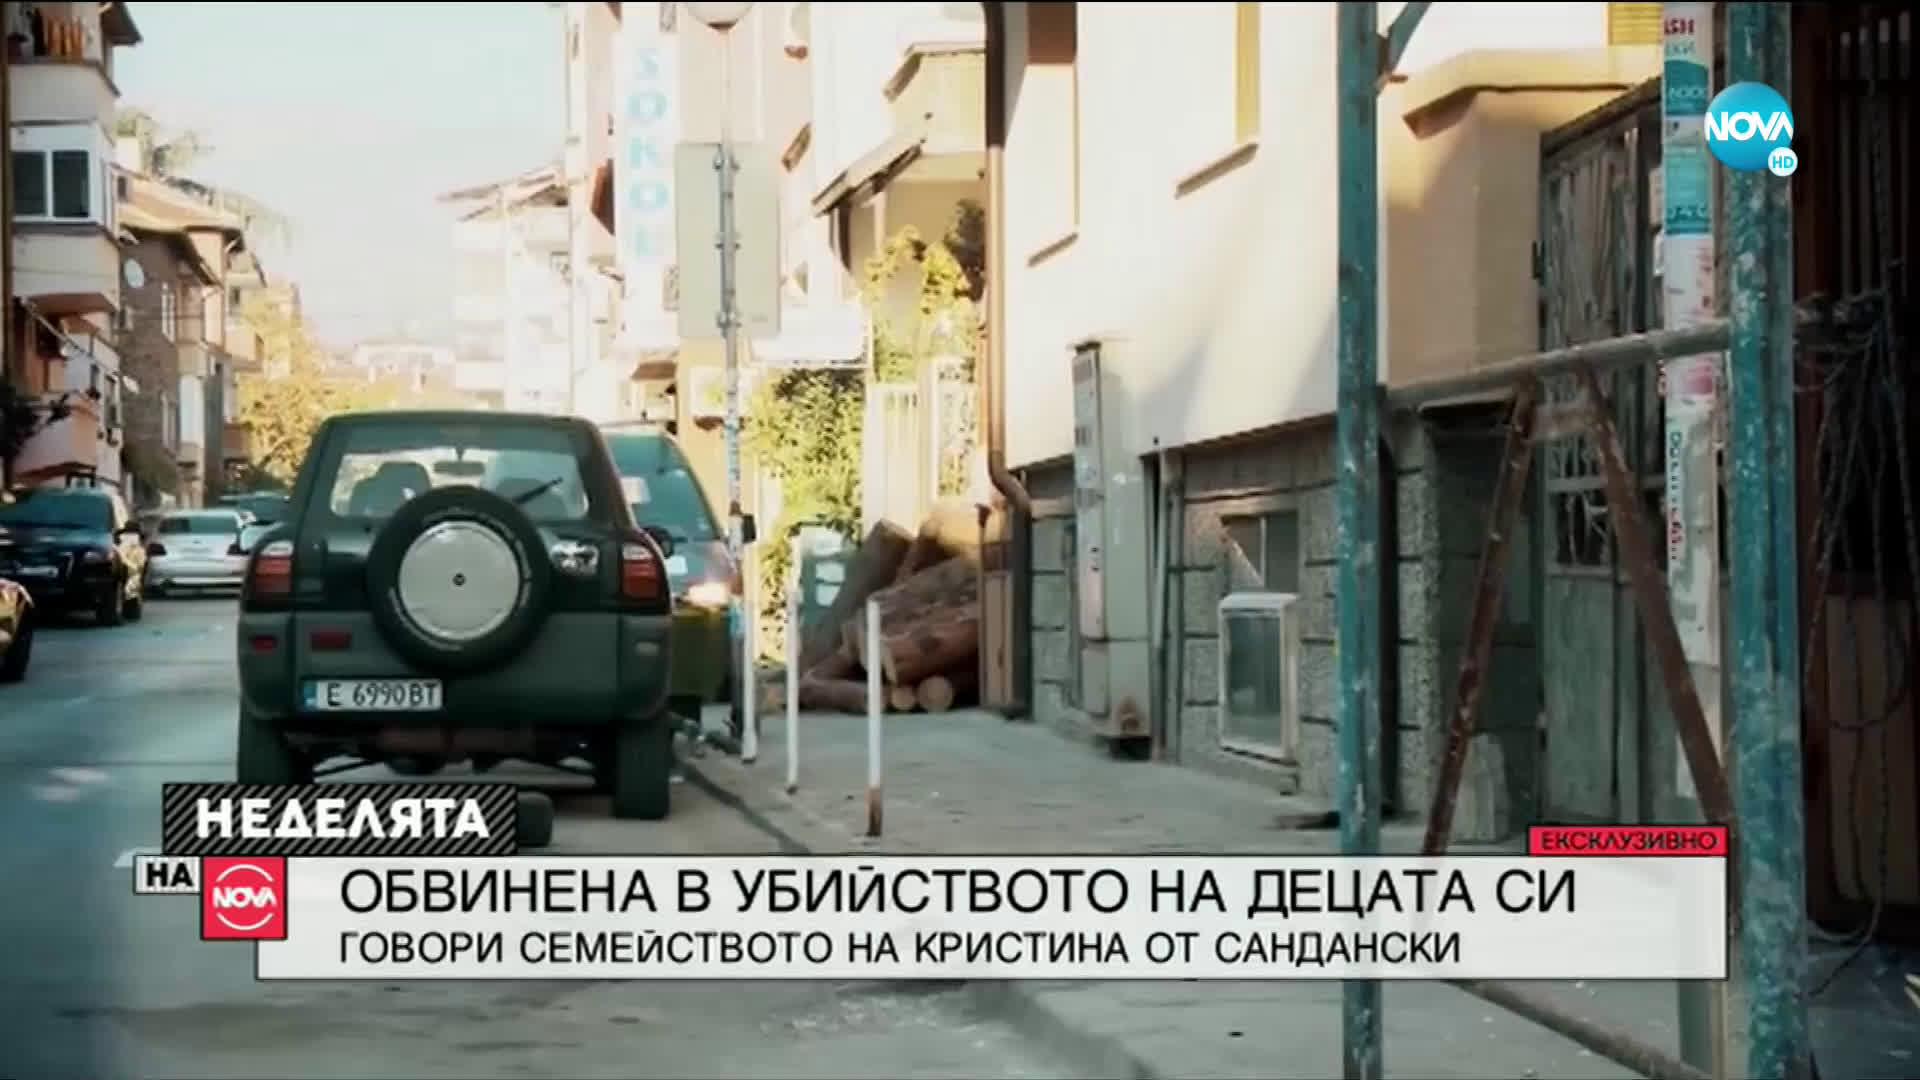 ЕКСКЛУЗИВНО: Говори семейството на Кристина, обвинена за убийството на децата си